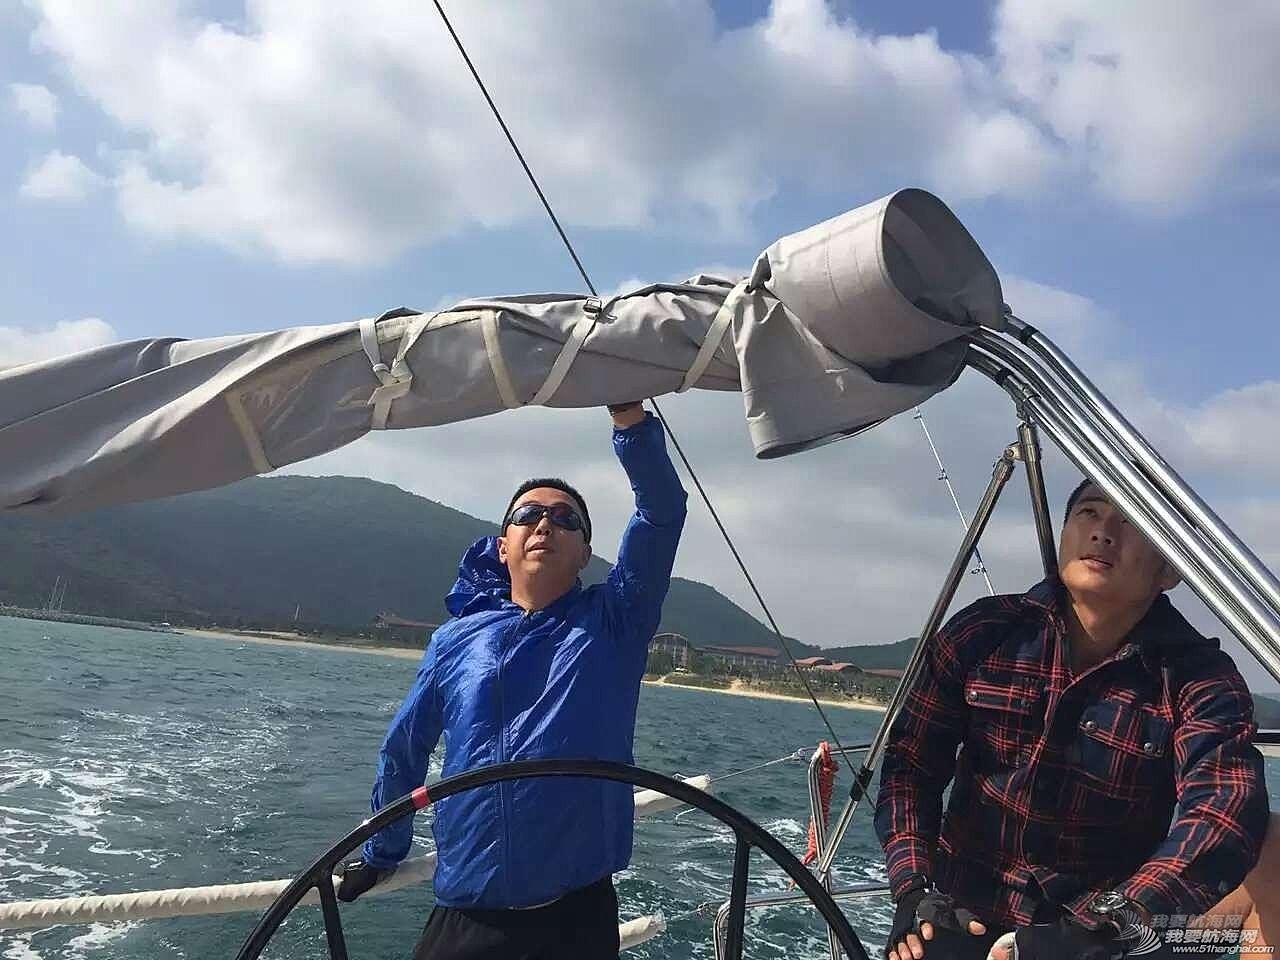 拓展培训,有限公司,拉力赛,三亚,报名 2016参赛船队巡礼 | 悦航海:快乐航海,快乐三亚!